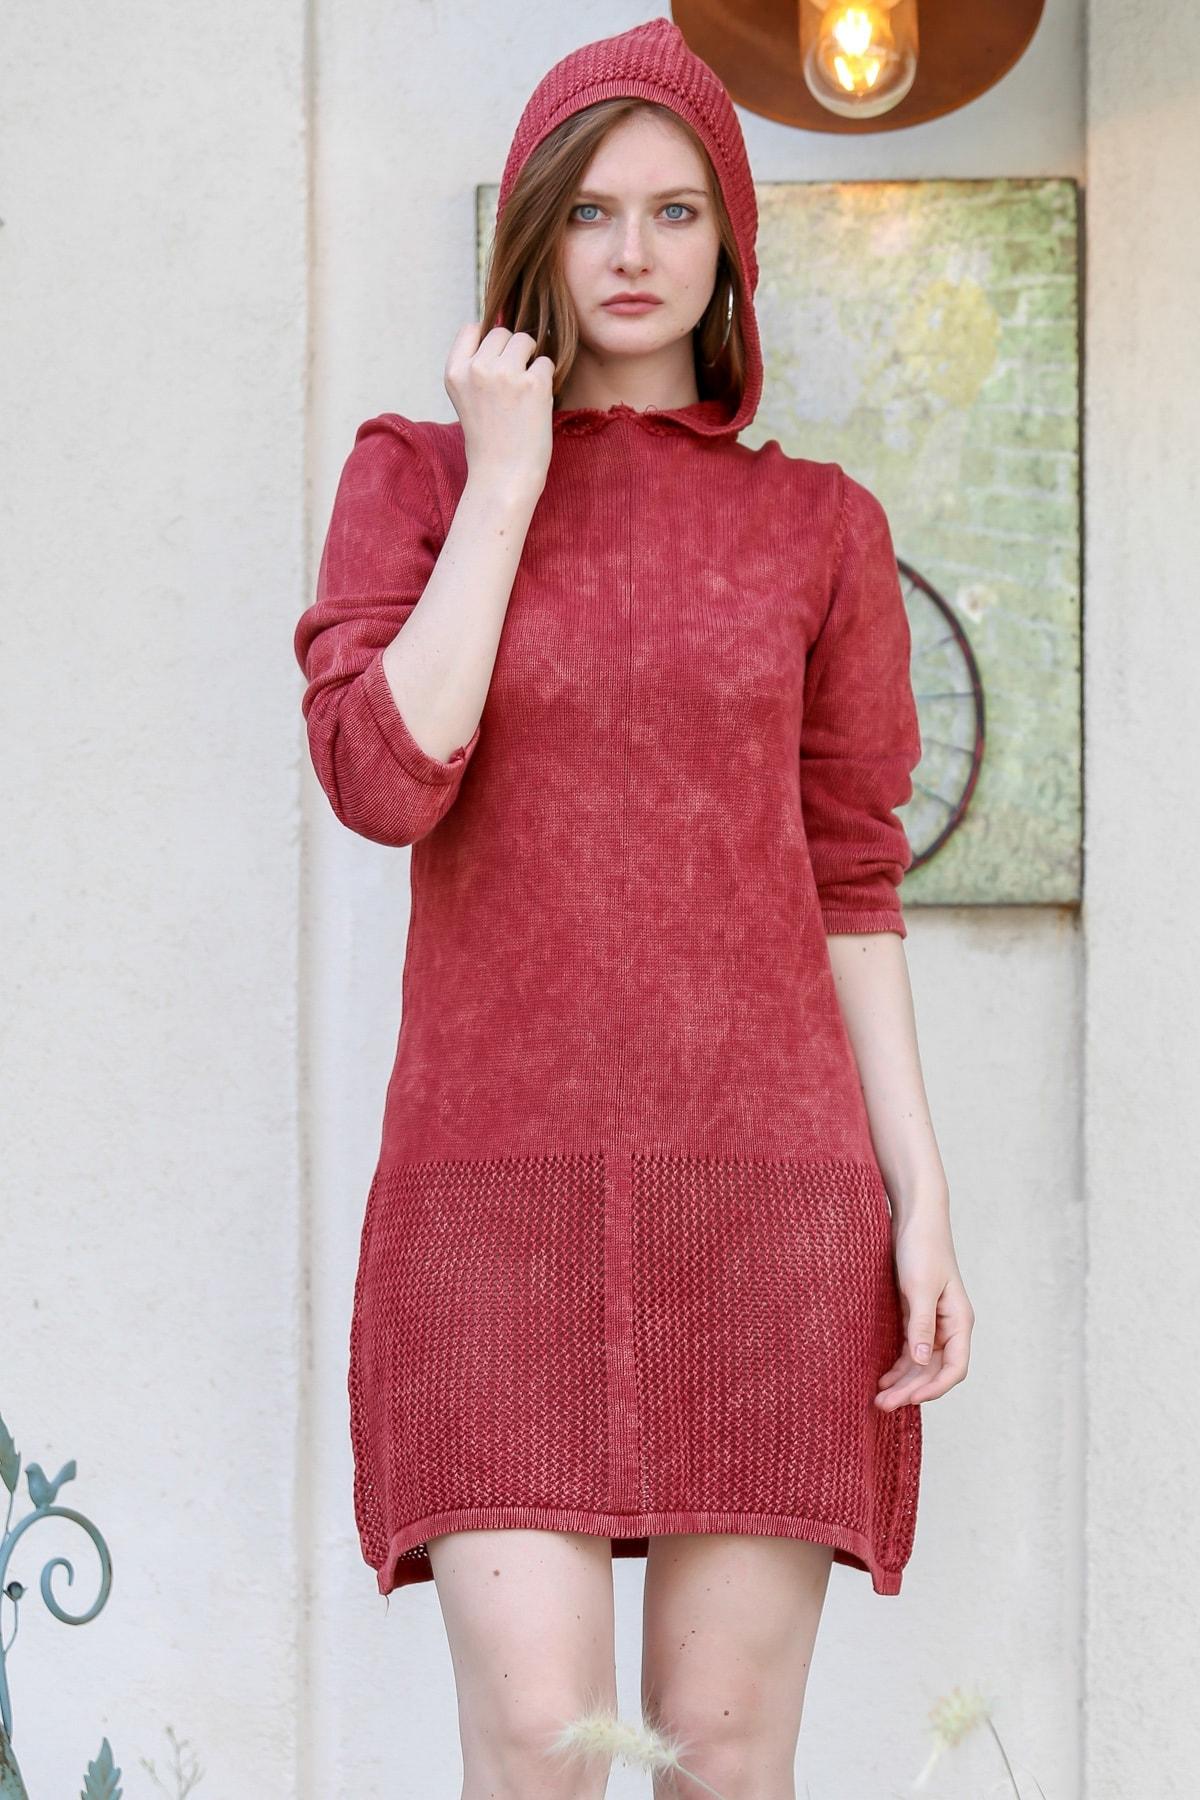 Chiccy Kadın Kırmızı Retro Kapüşon Detaylı Etek Ucu Kafes Örgü Yıkamalı Triko Elbise M10160000EL96236